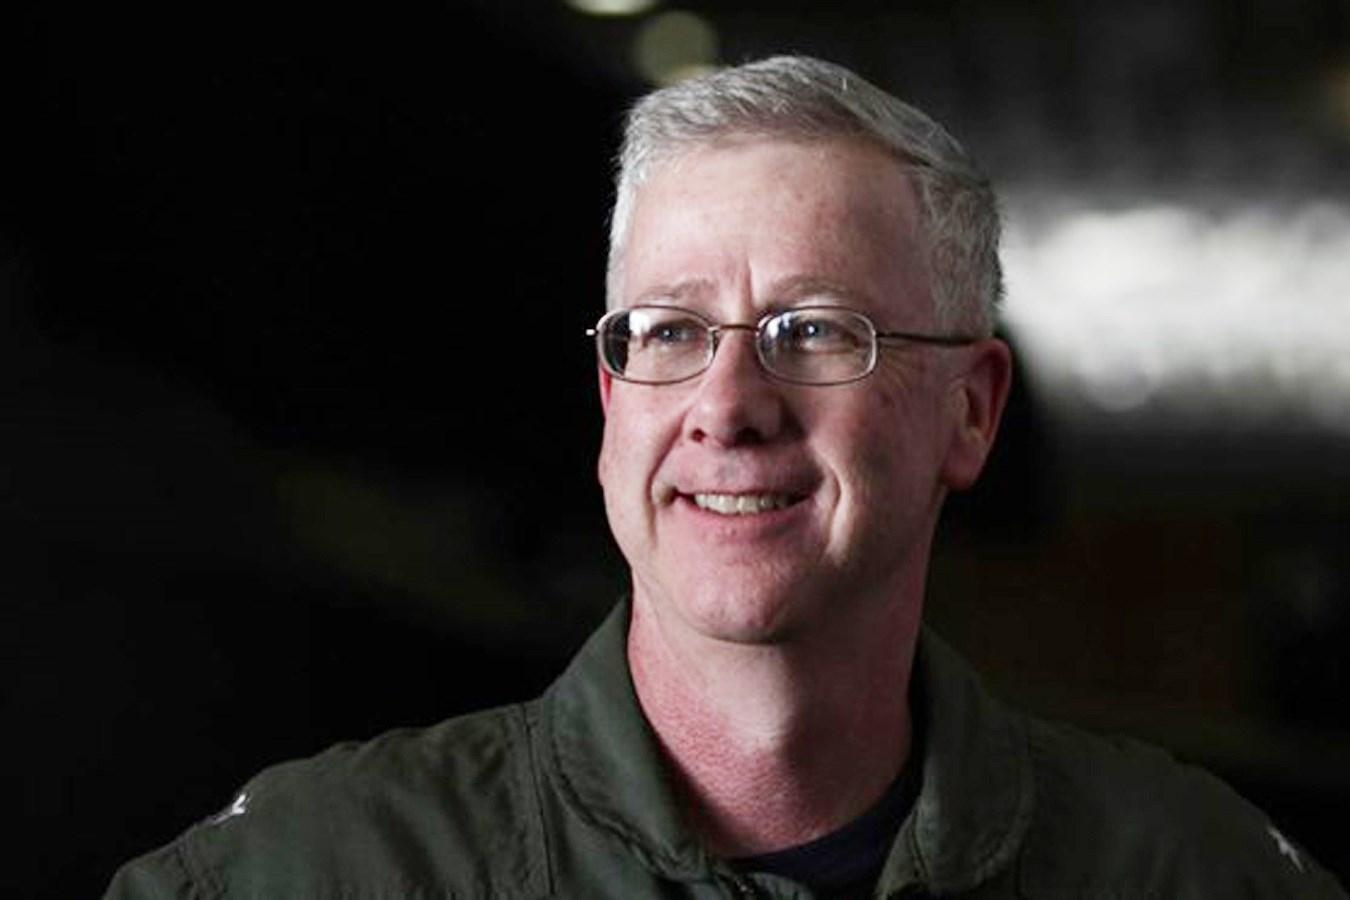 Tham mưu trưởng Lầu Năm Góc từ chức sau khi Mỹ quyết định rút quân khỏi Syria